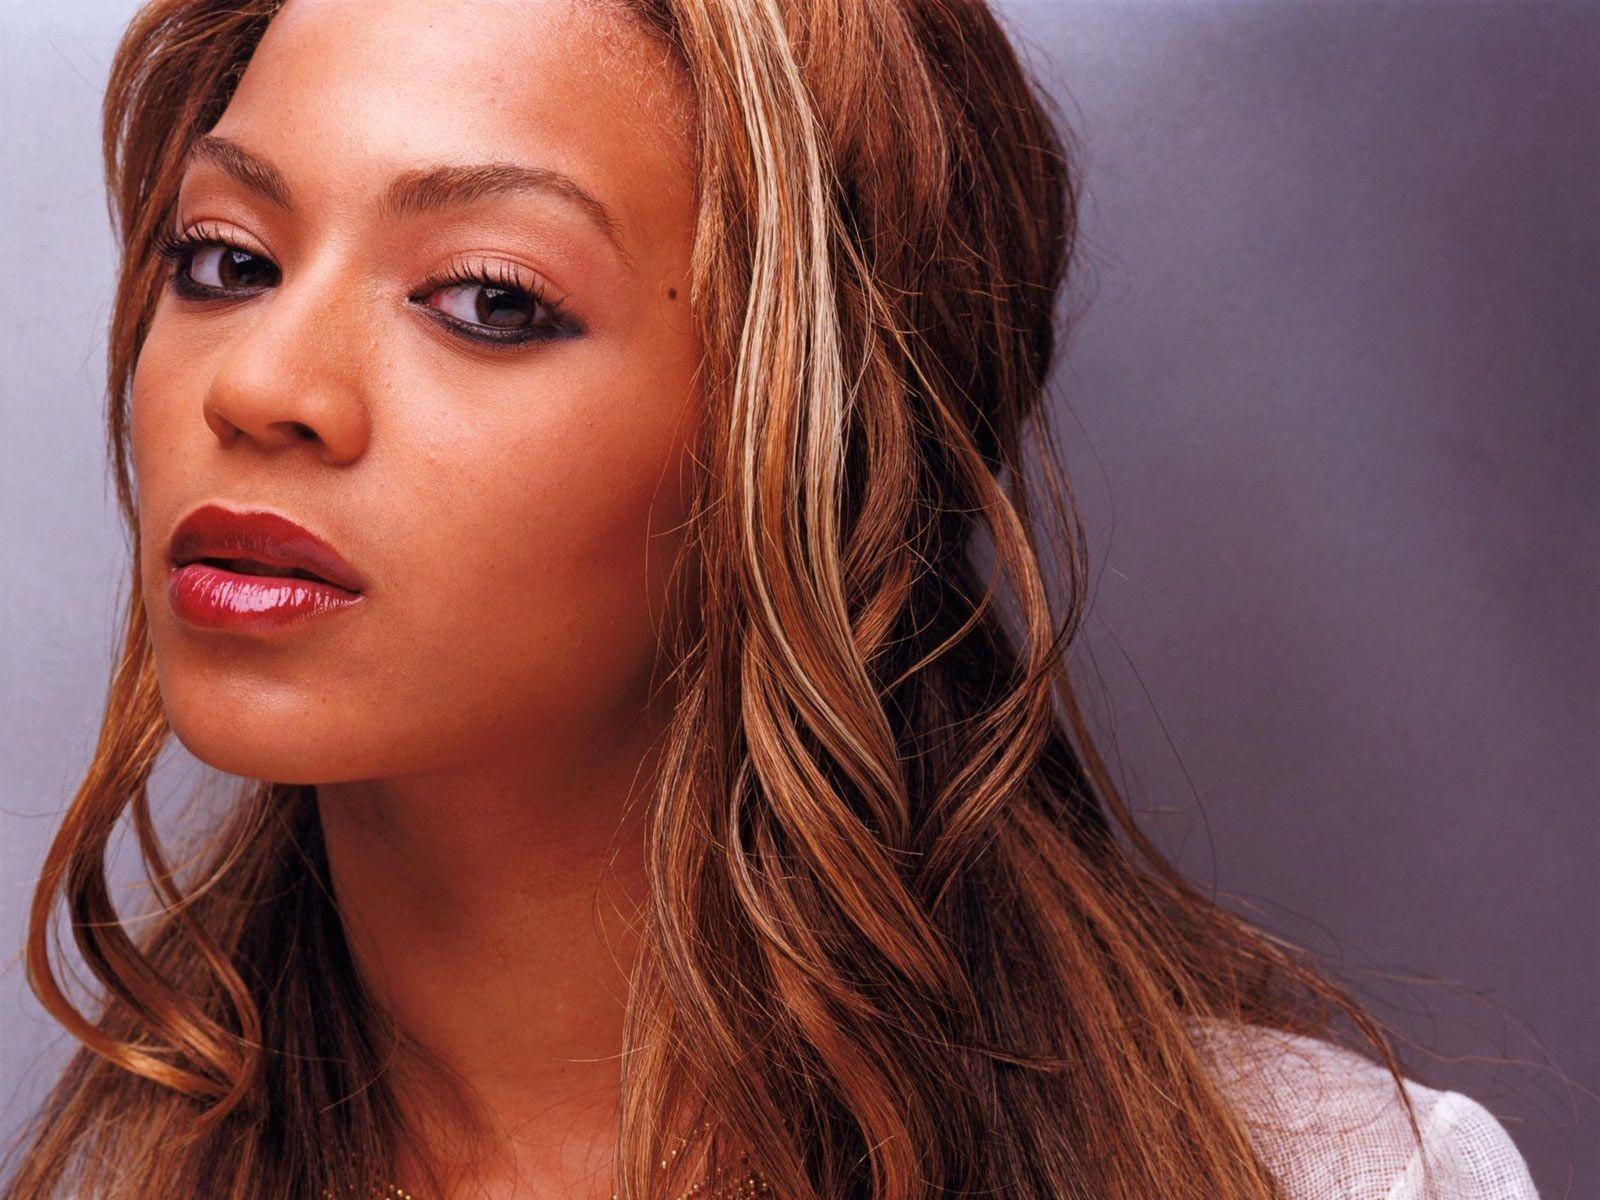 Wallpaper di Beyoncé Knowles 4